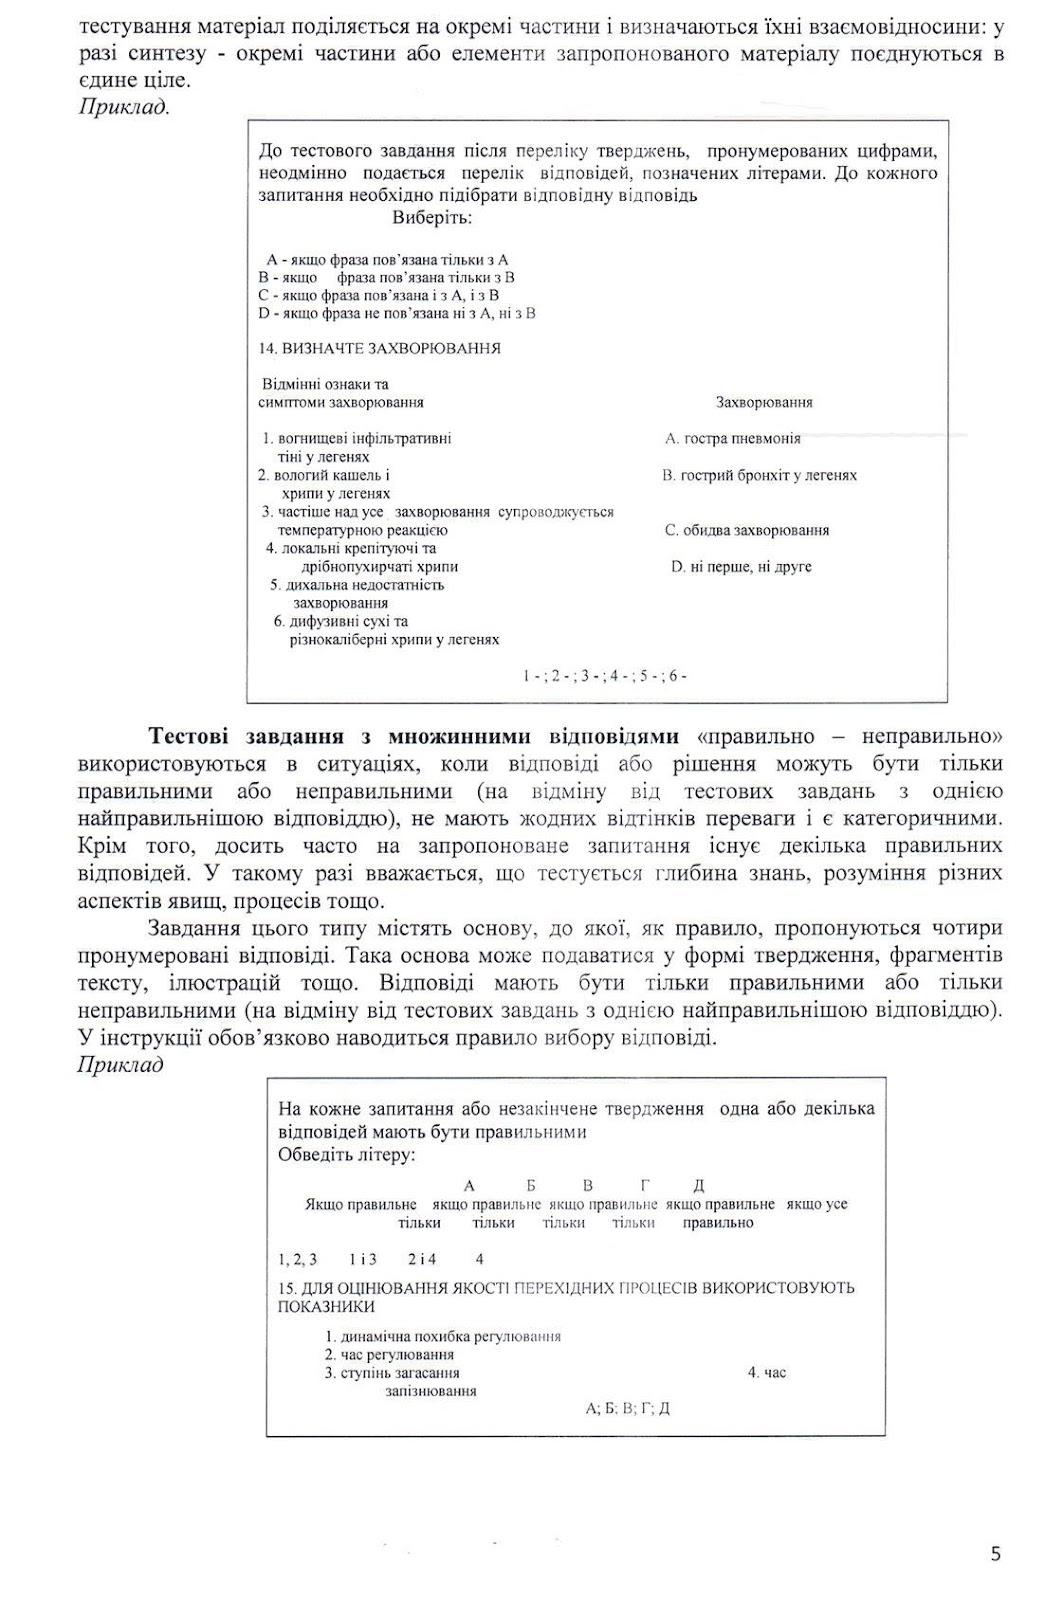 C:\Documents and Settings\Admin\Мои документы\Мои рисунки\тести0005.jpg